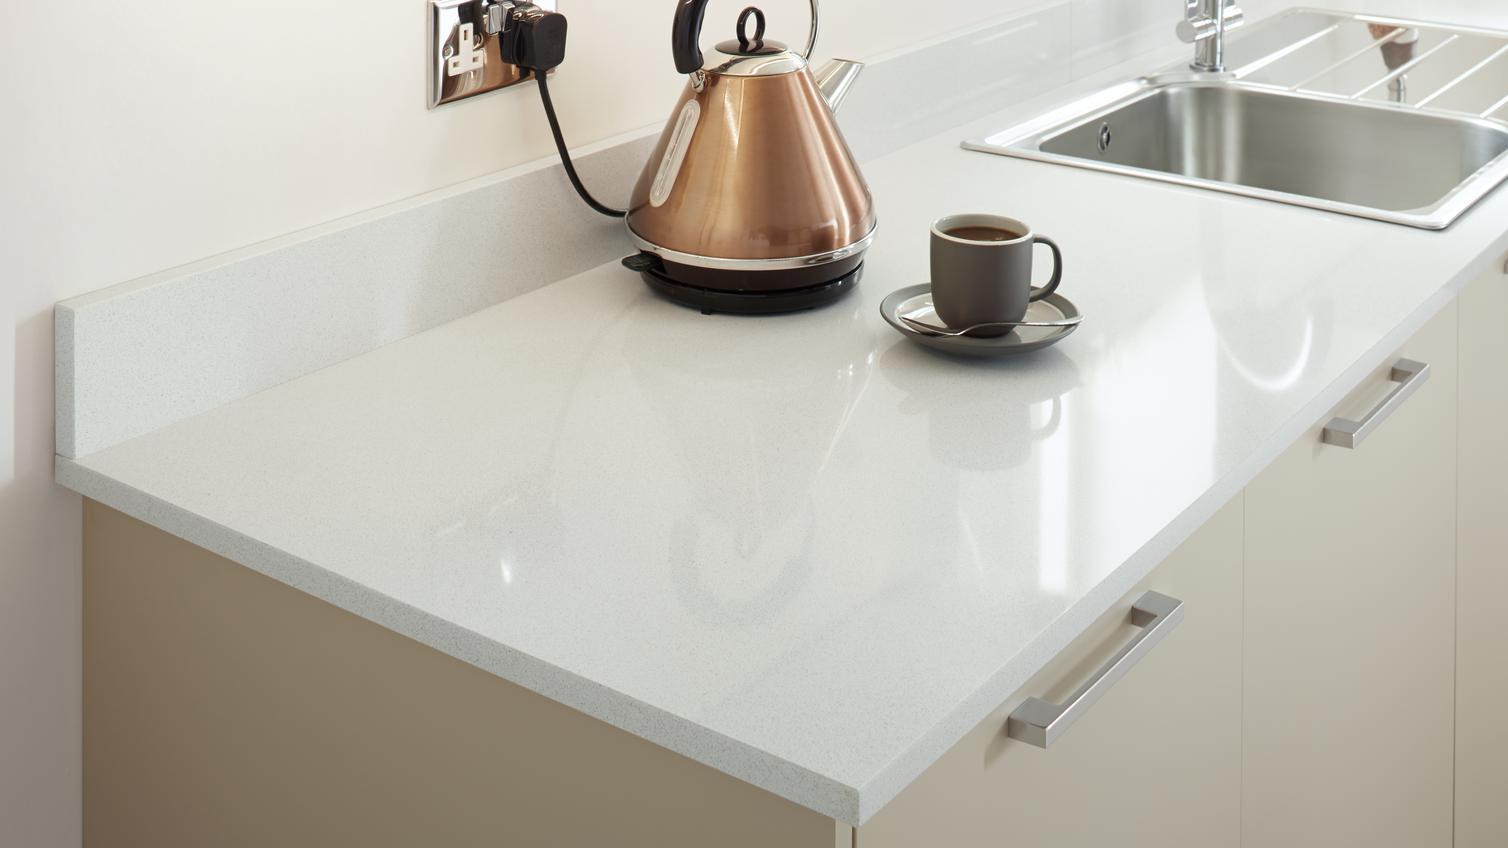 Silestone 1 4m X 100mm Polished White Quartz Upstand Howdens